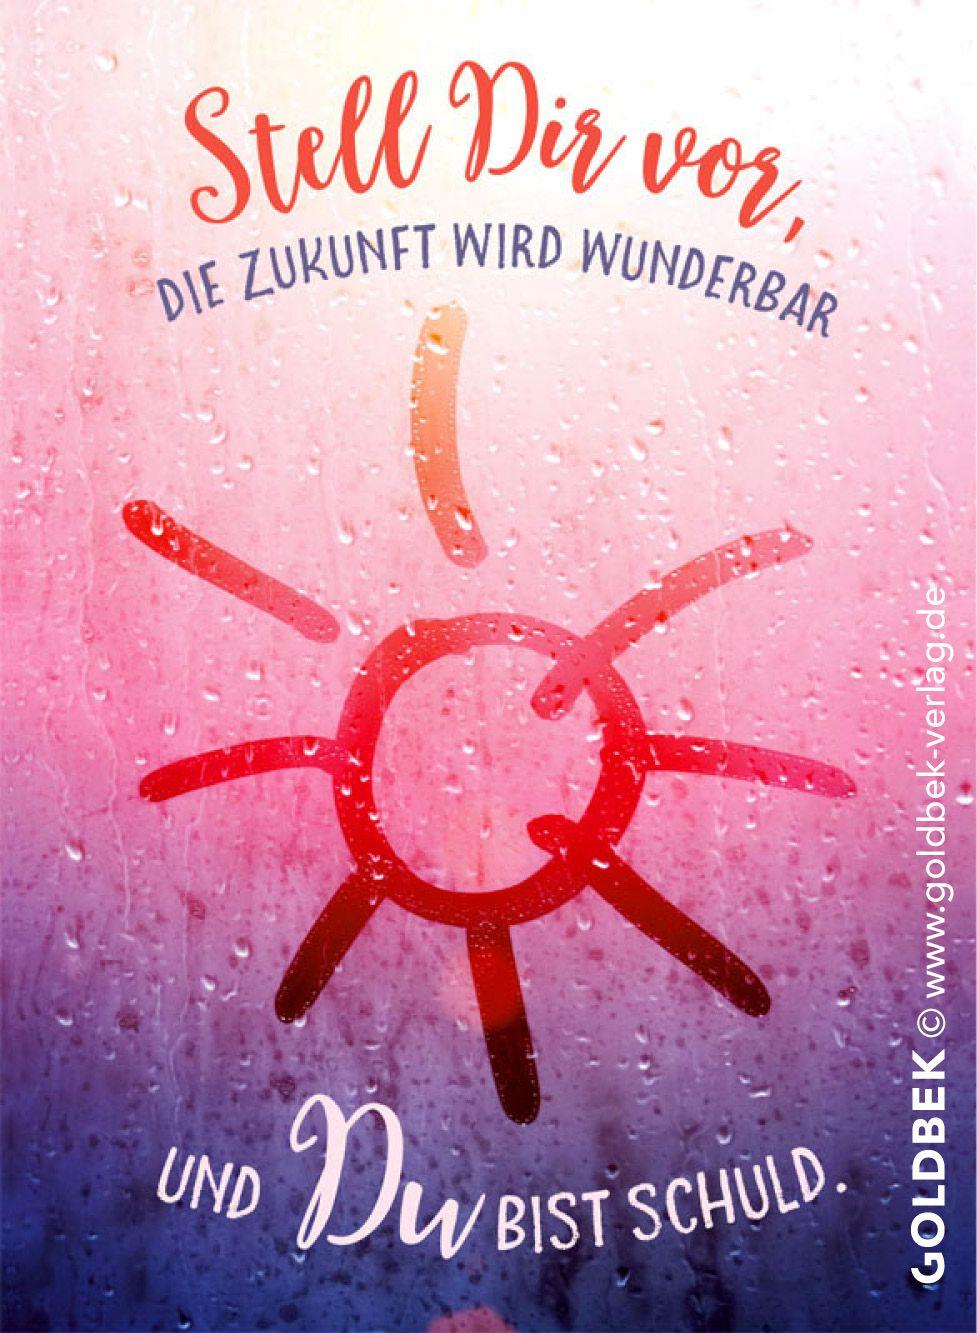 Postkarten - Sommerregen. Stell dir vor, die Zukunft wird